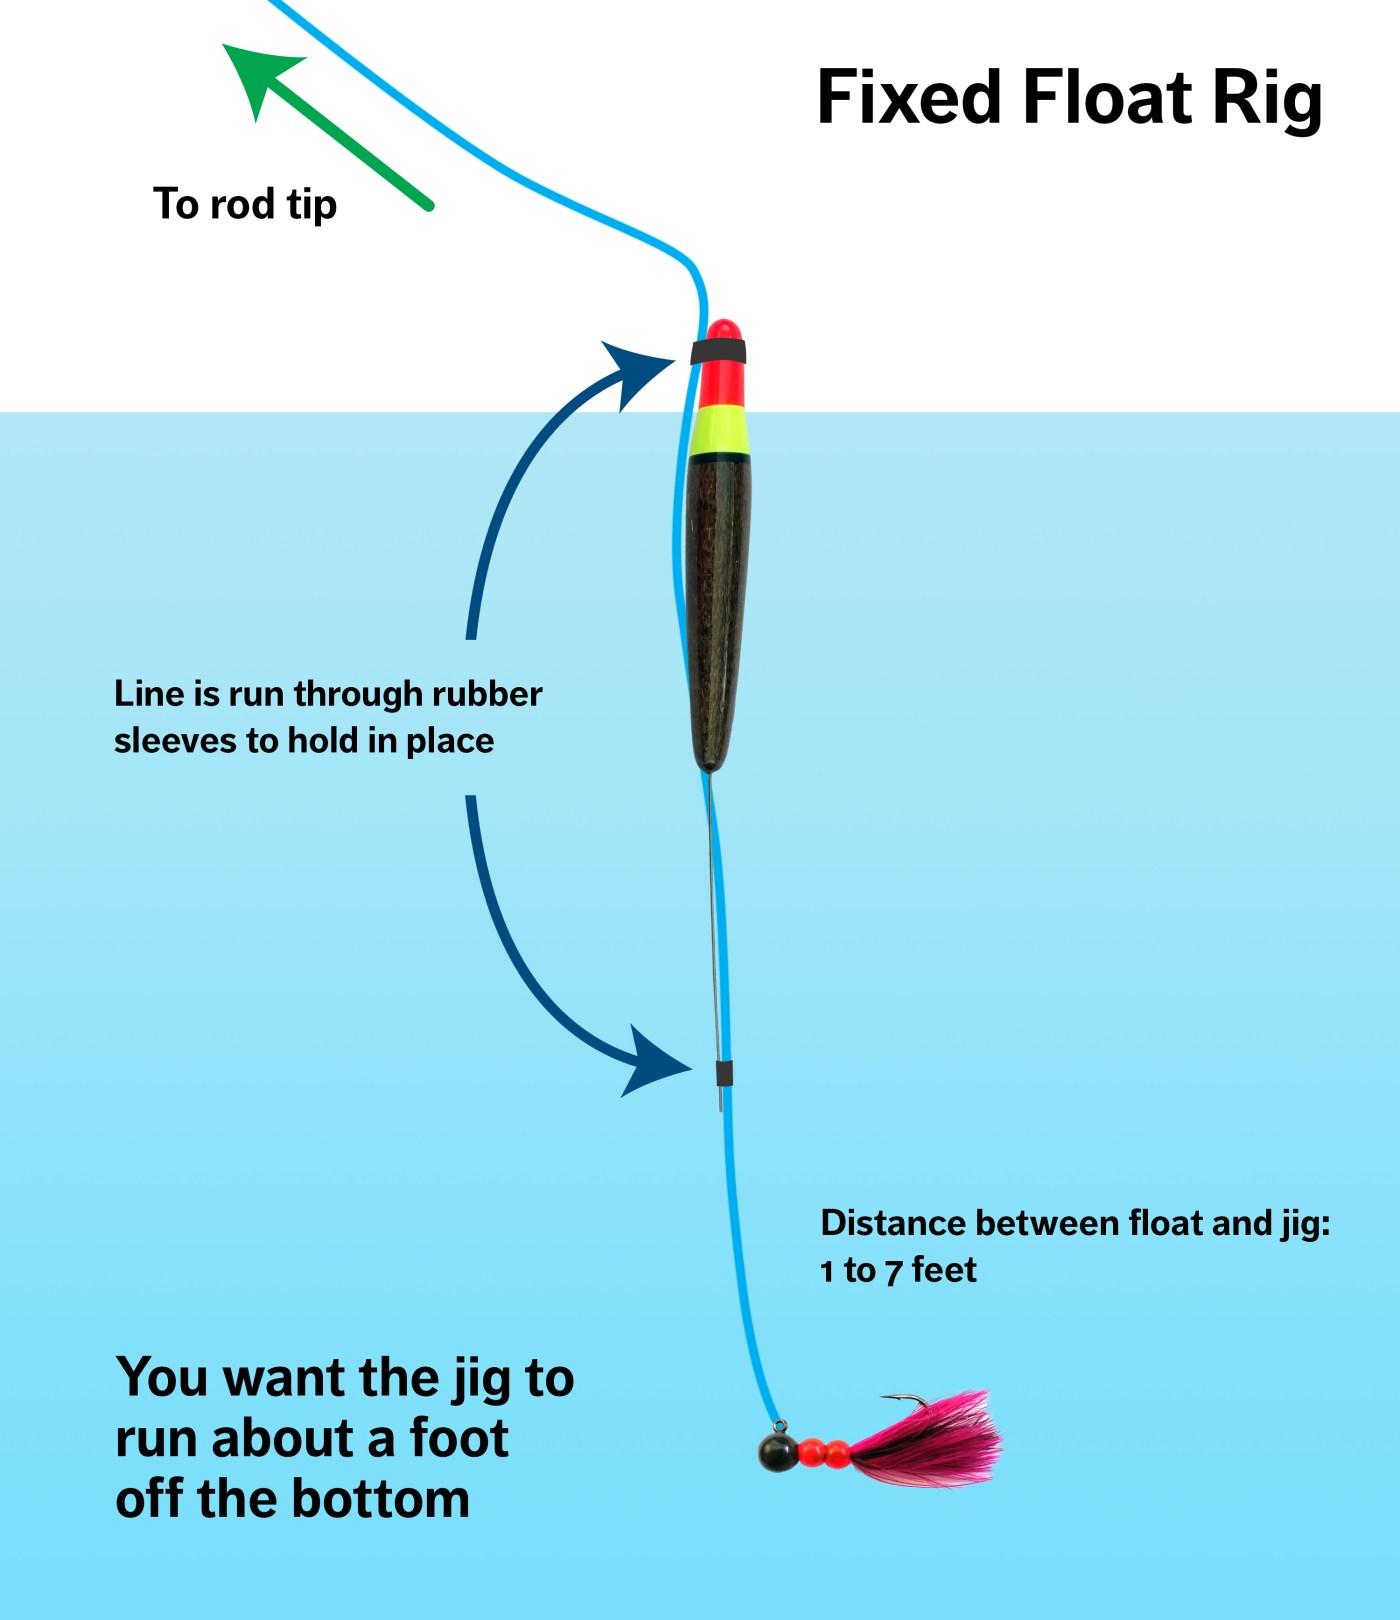 Fixed float rig diagram